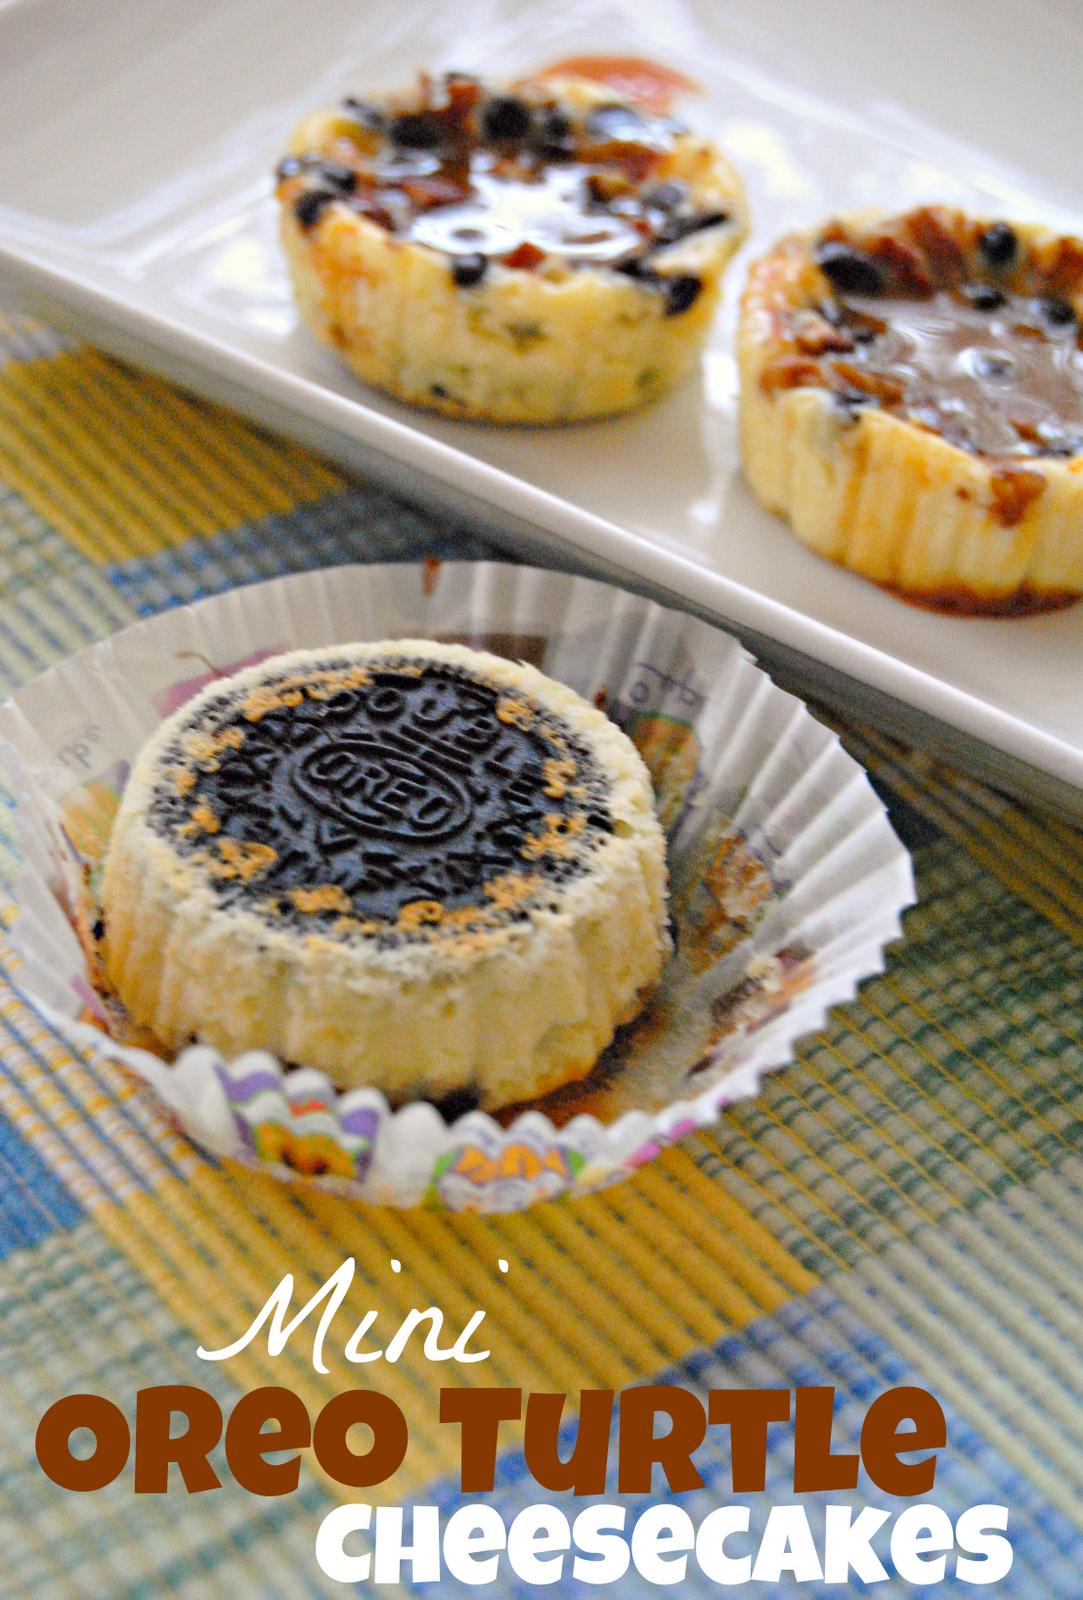 Mini Oreo Turtle Cheesecakes